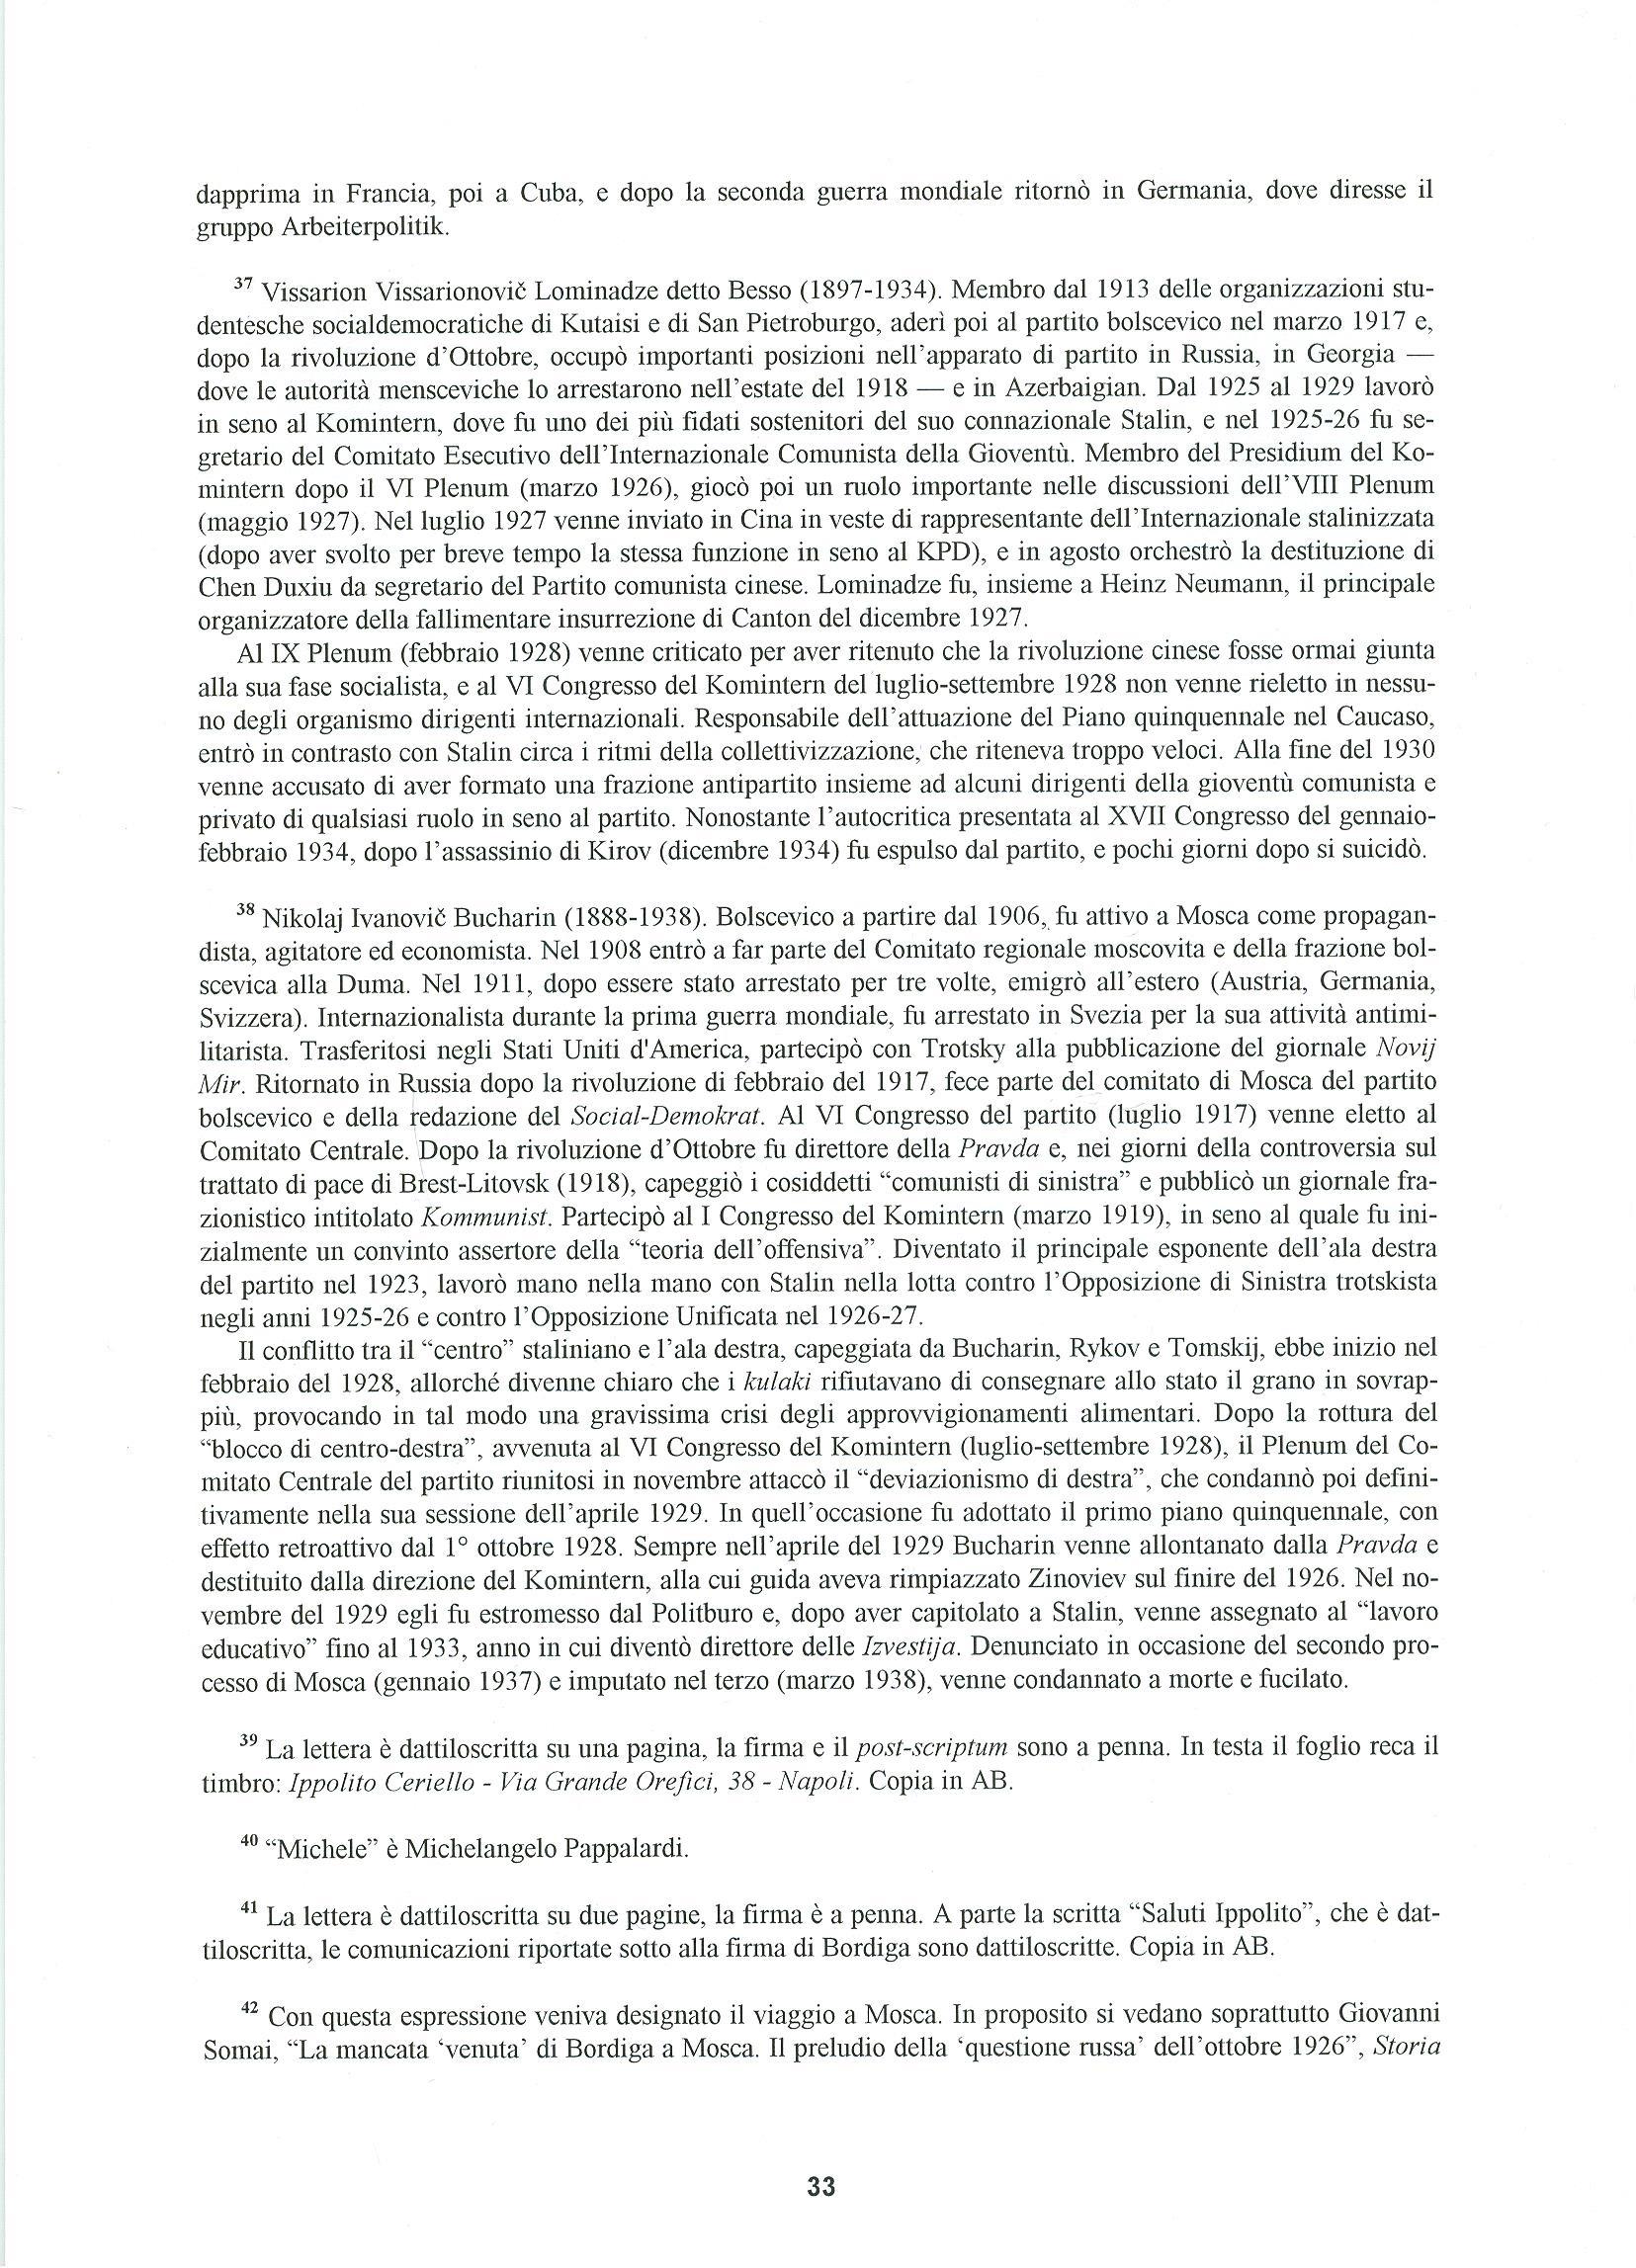 Quaderni del Centro Studi Pietro Tresso (1996-2009) n. 14 (novembre 1998) - pag. 34